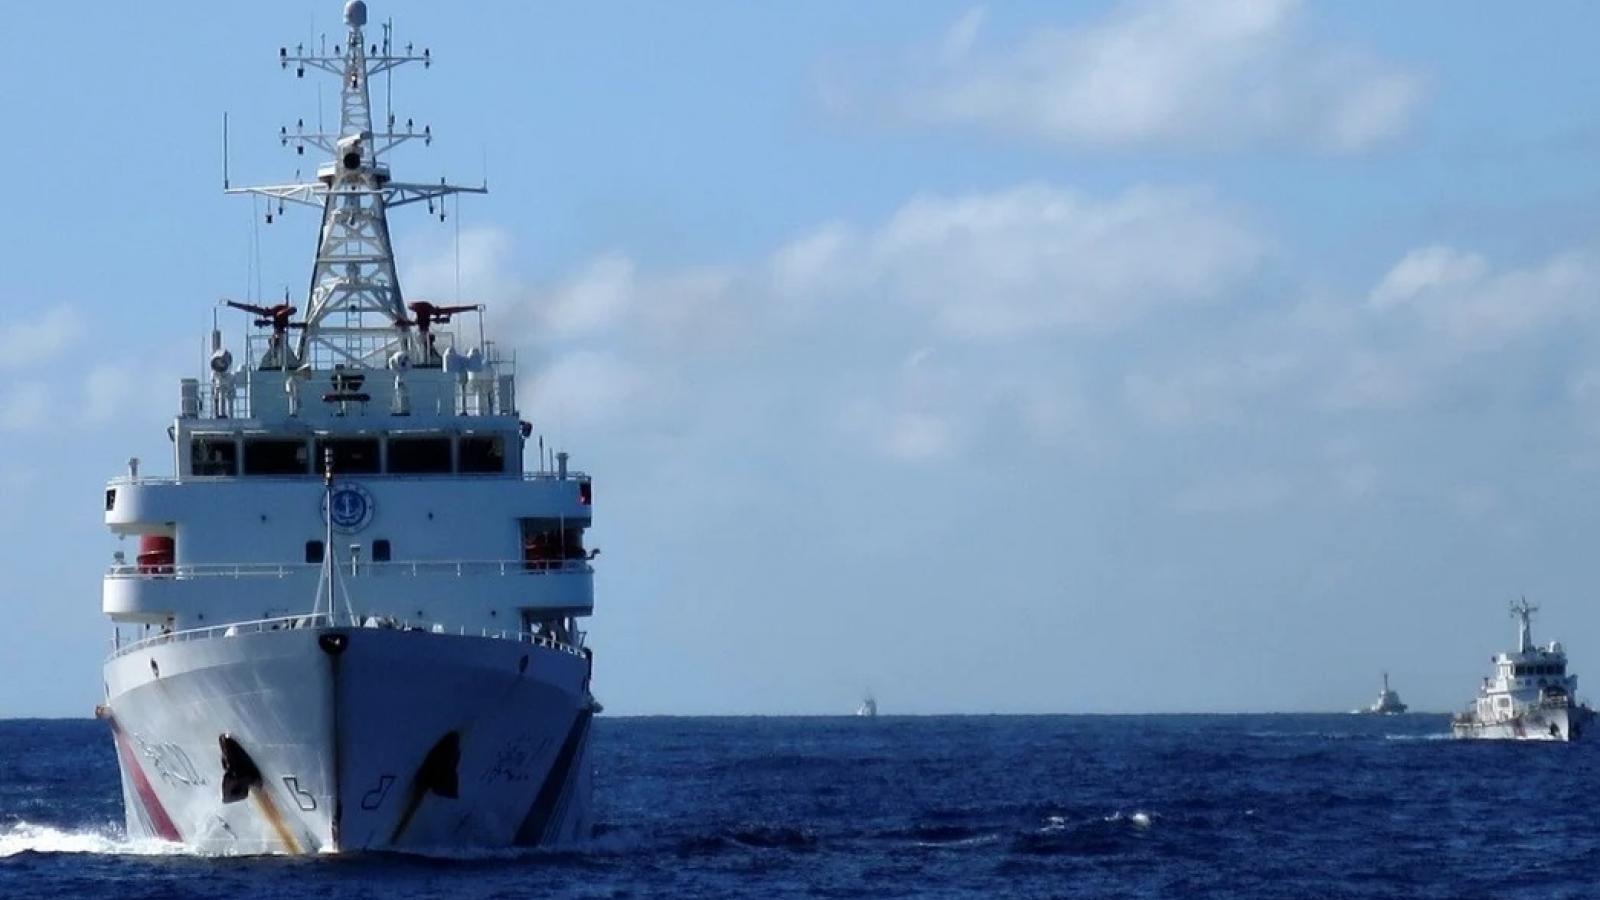 Luật Hải cảnh Trung Quốc khiến Philippines bùng nổ tranh cãi nội bộ về đe dọa trên biển